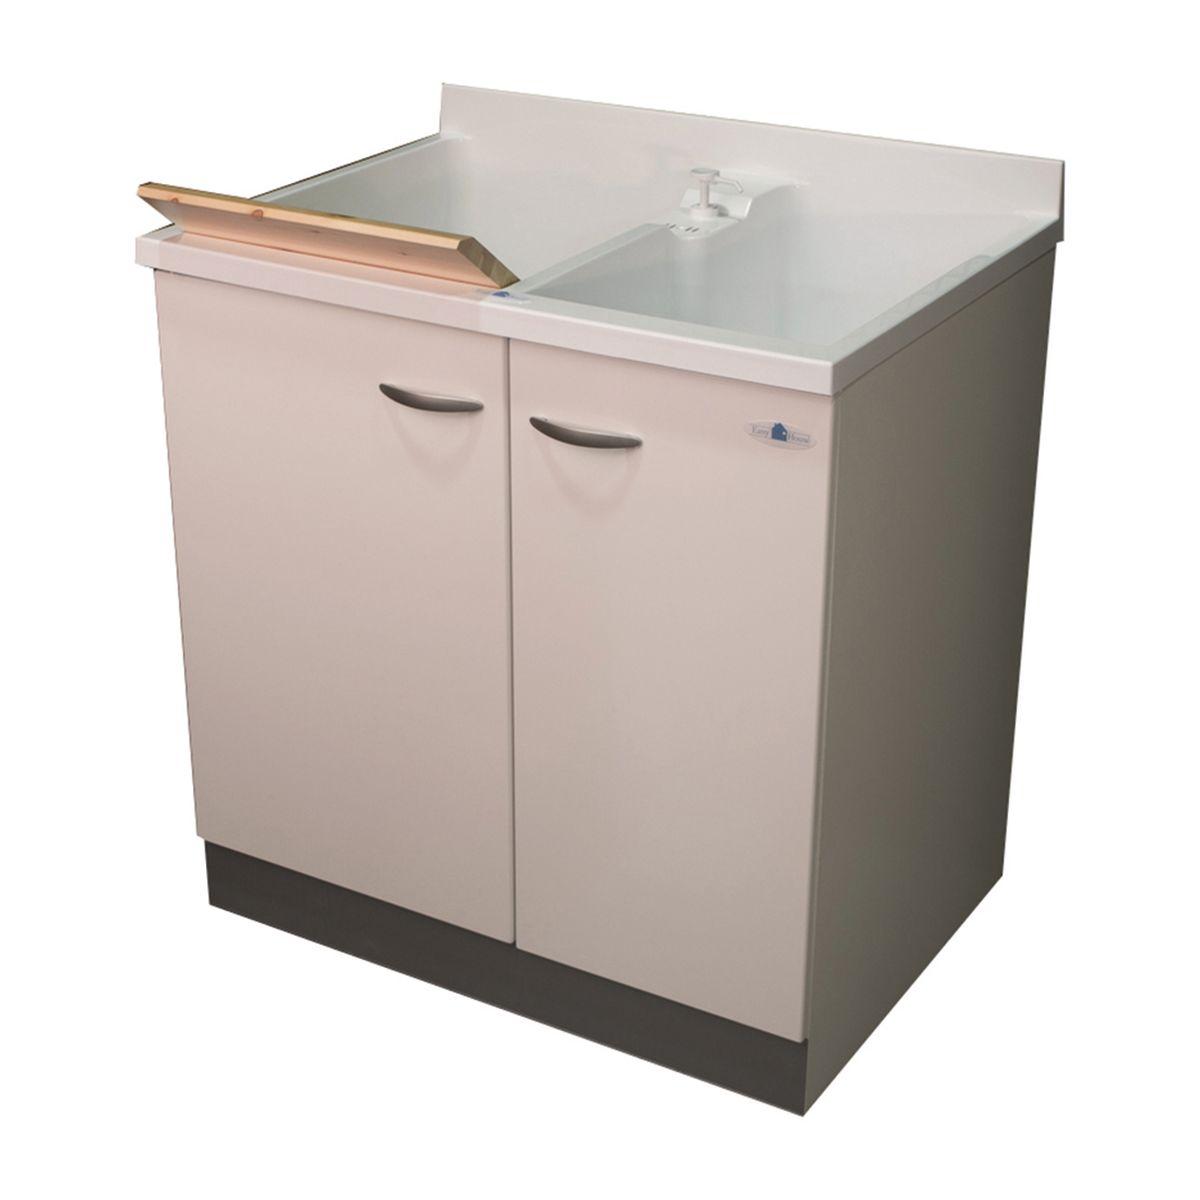 Best lavatoio con mobile contemporary - Lavatoio leroy merlin ...